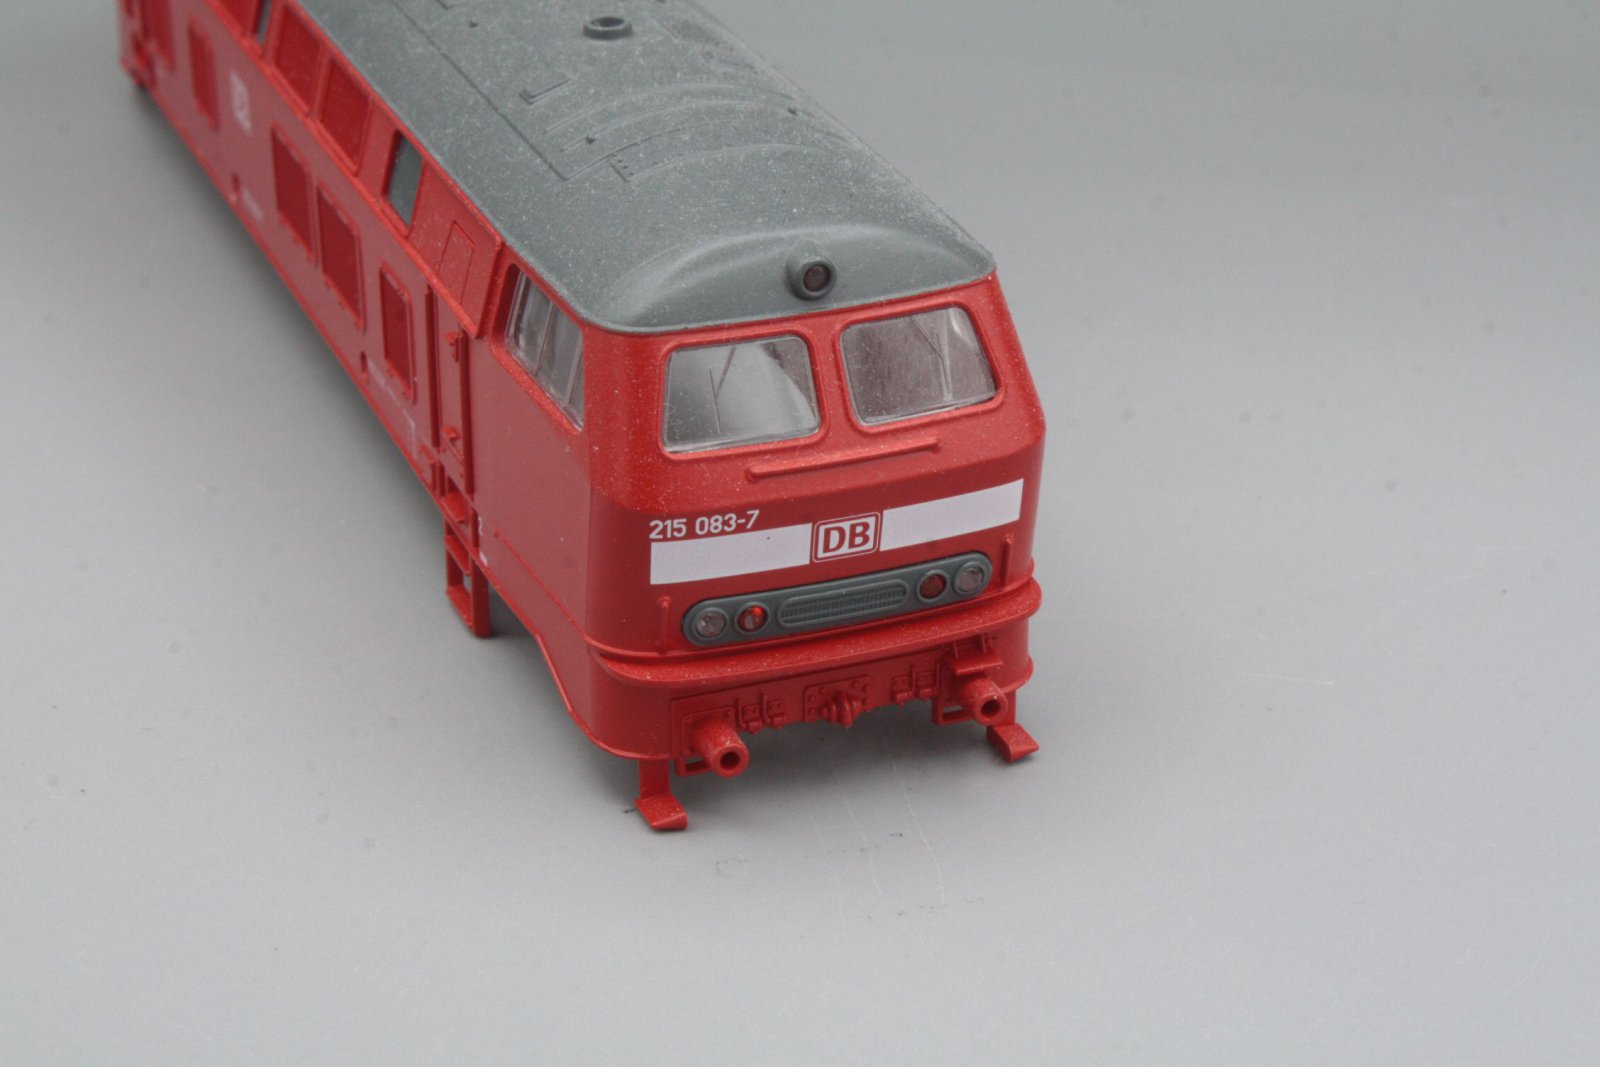 Ersatzteil Roco Gehäuse 215 083-7 verkehrsrot DB AG - Top Zustand